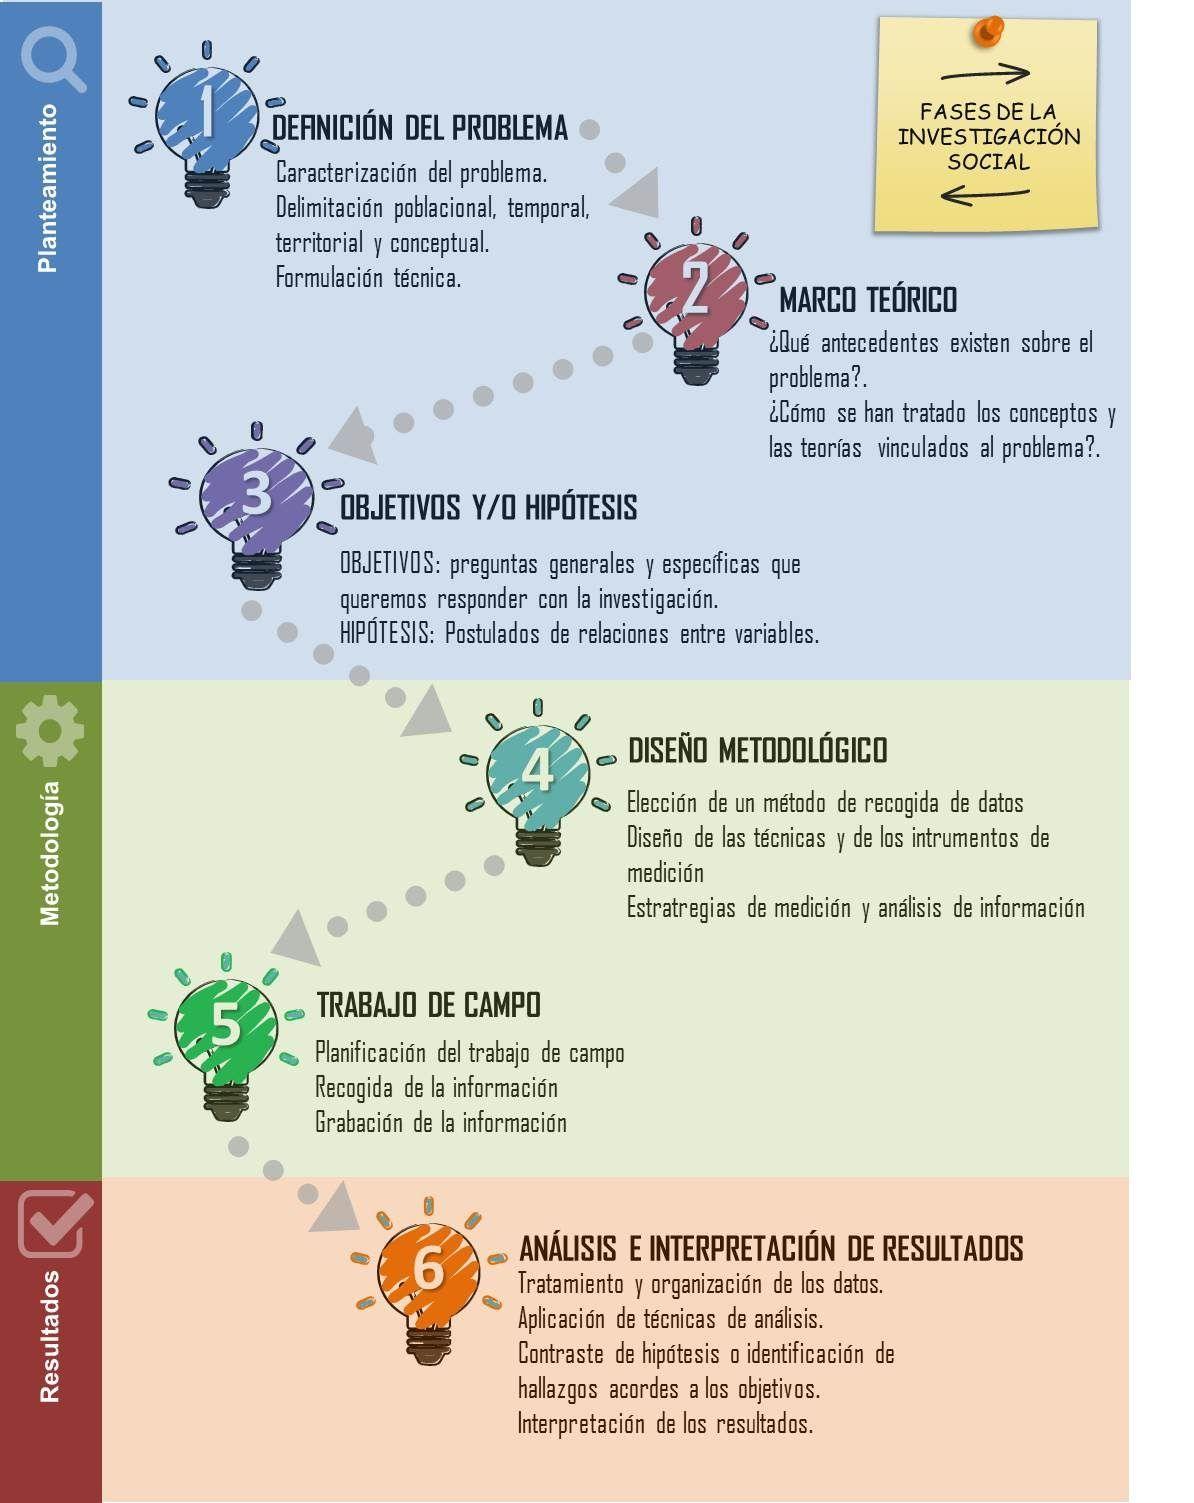 Fases de la investigación social Técnicas de